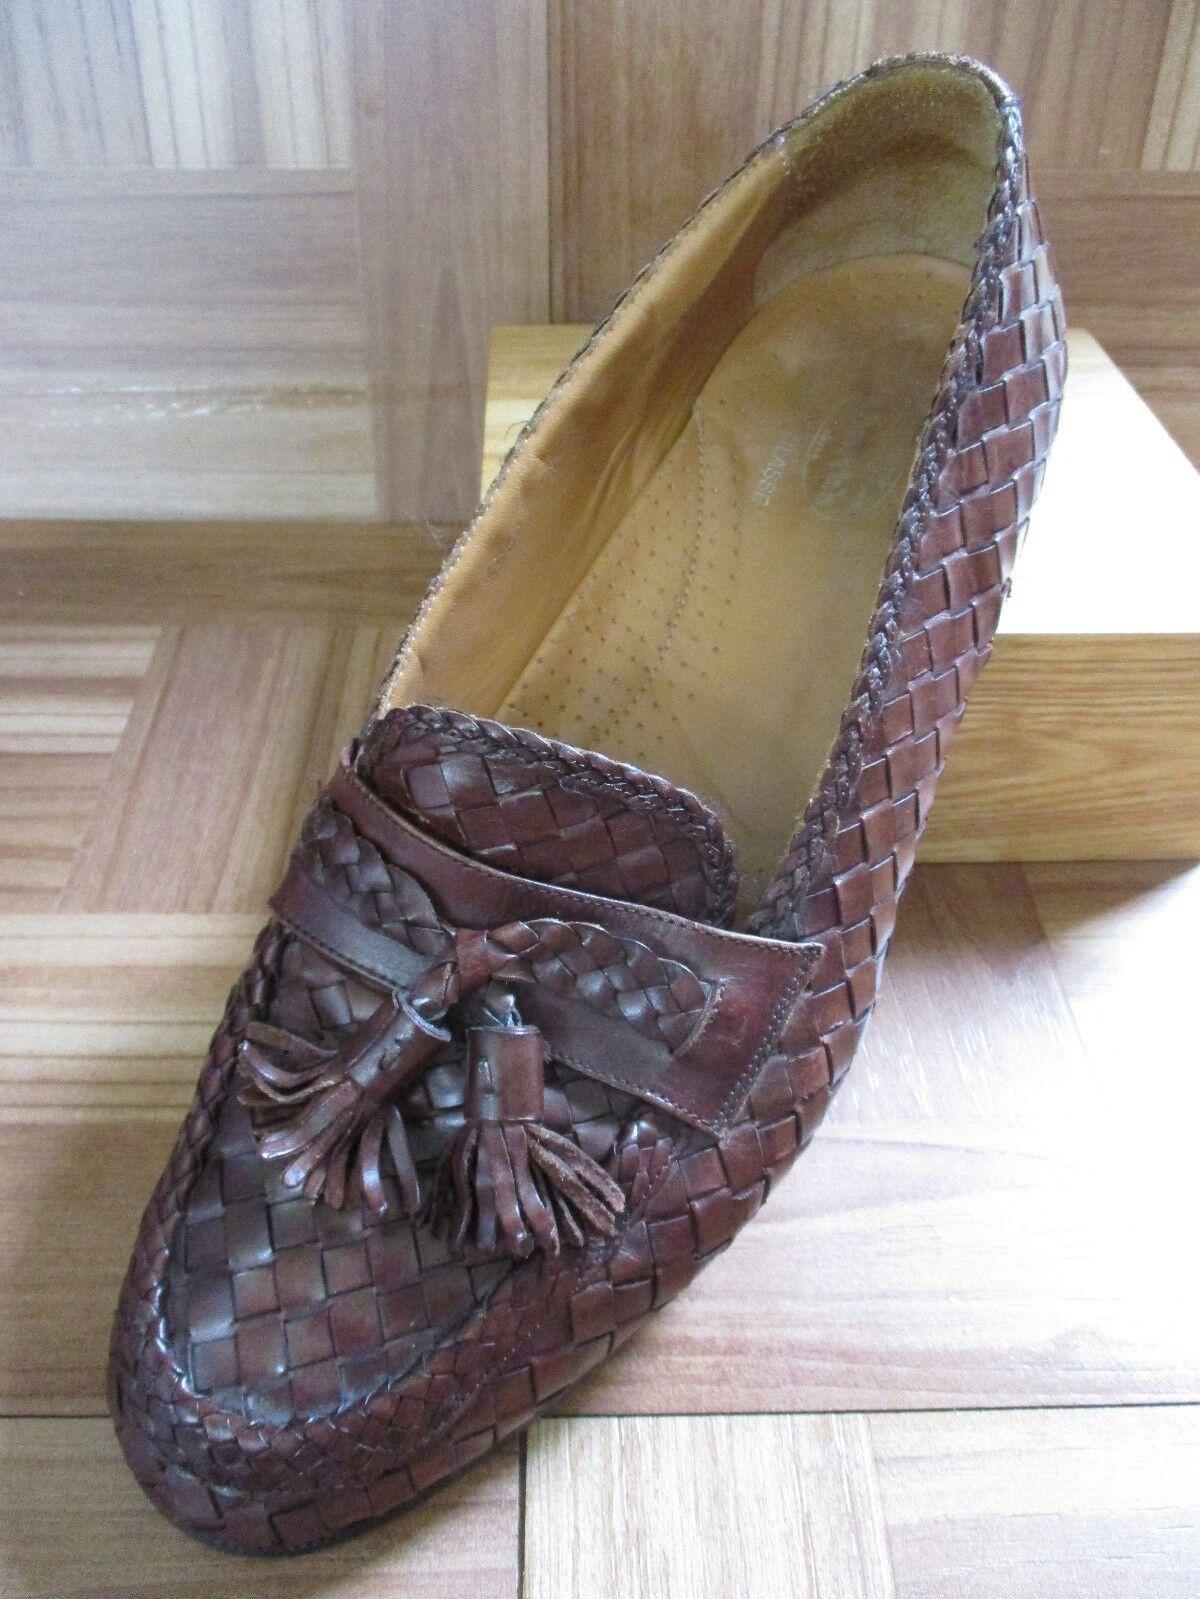 classico senza tempo Church's Chuchs 6944 Prima Classe Marrone woven woven woven leather tassel loafers 9.5M  fantastica qualità